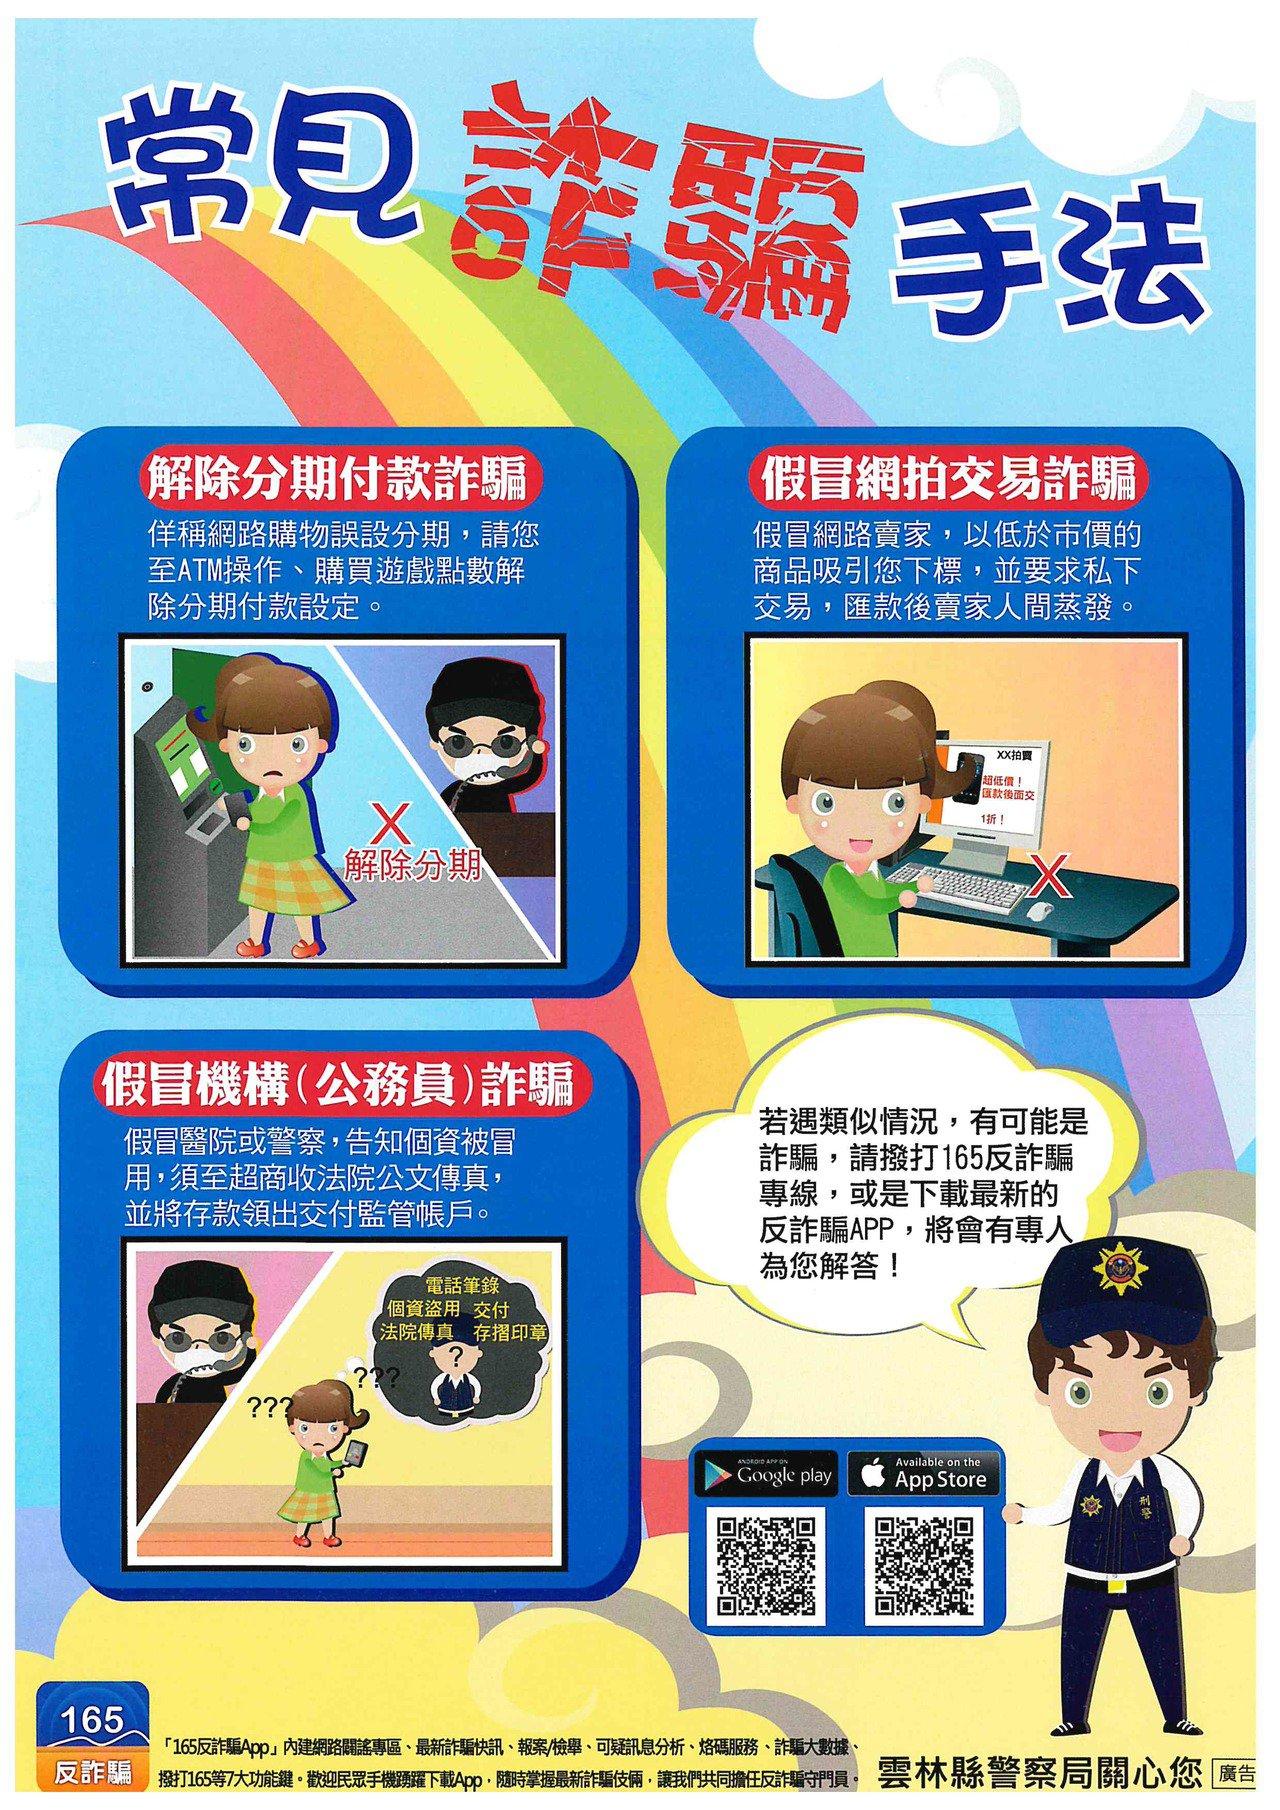 雲林警方呼籲民眾網路詐騙樣態多,切勿受騙上當。圖/警方提供